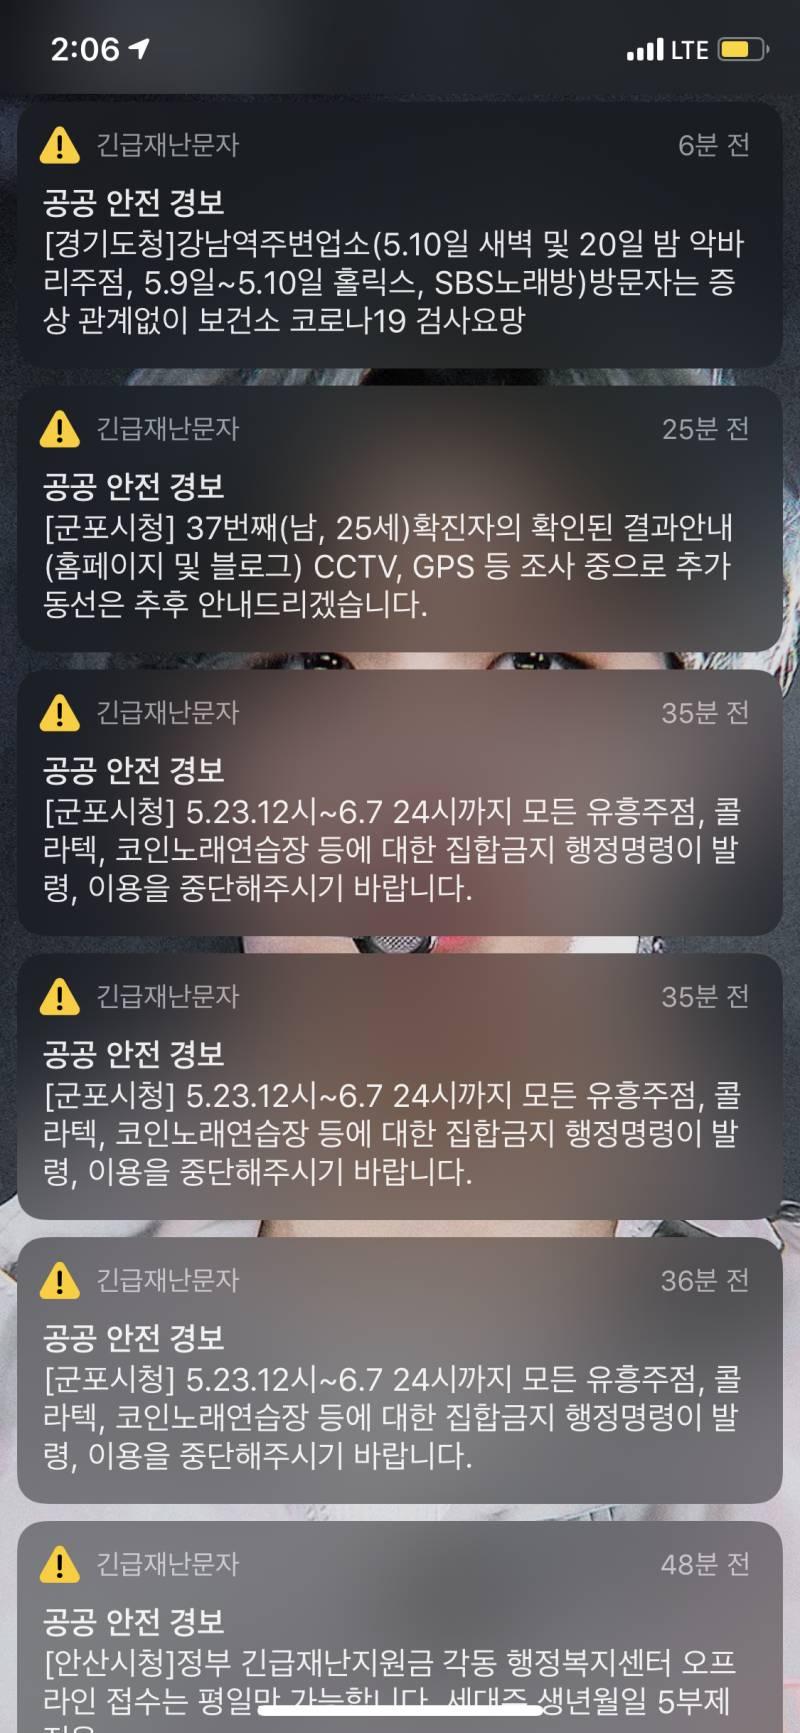 안산에서 서울 강남으로 볼일 보러온 익 알림창 상황 | 인스티즈